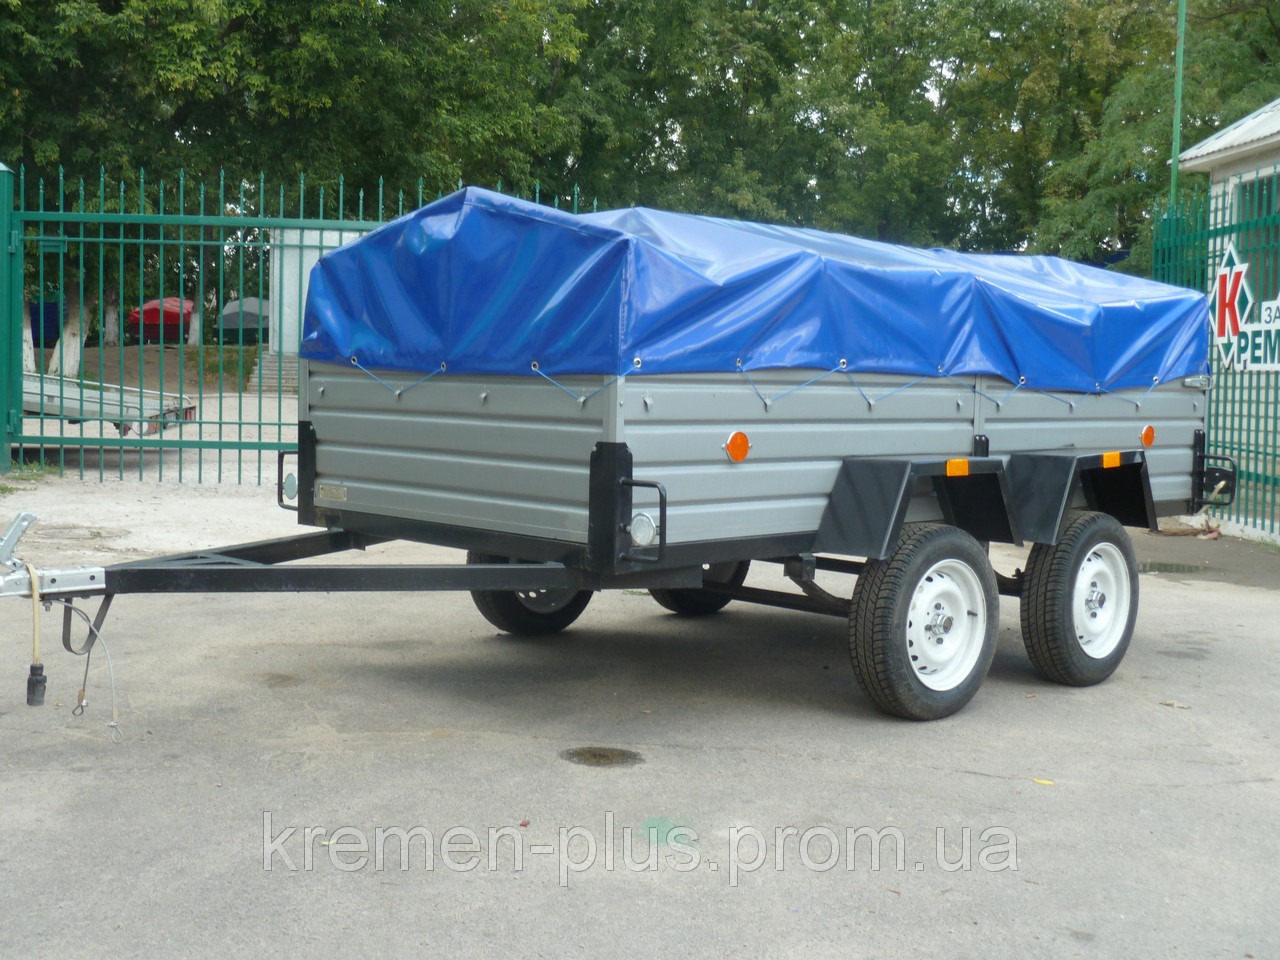 Продам легковой прицеп в Днепропетровске